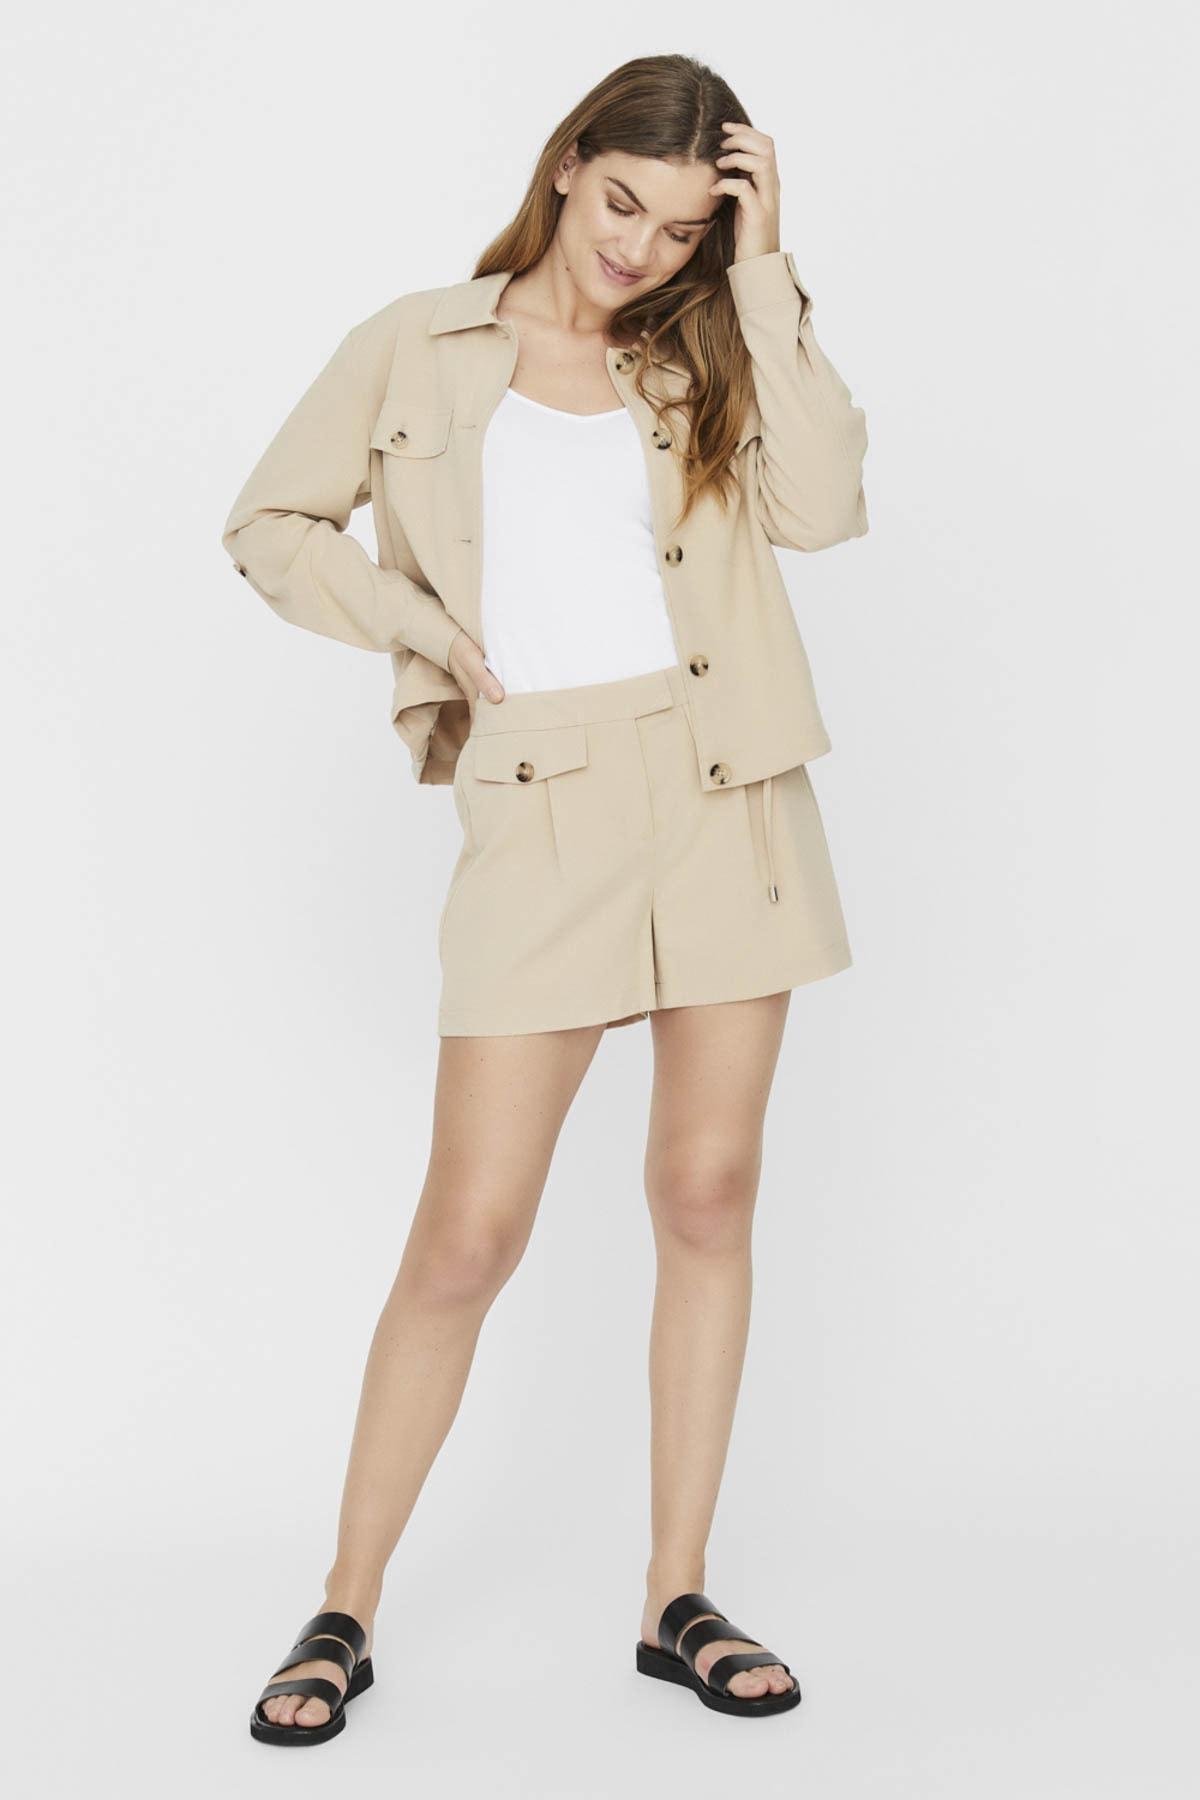 Vero Moda Kadın Bej Düğme Detaylı Safari Stil Kısa Şort 10230719 VMOFELIA 1